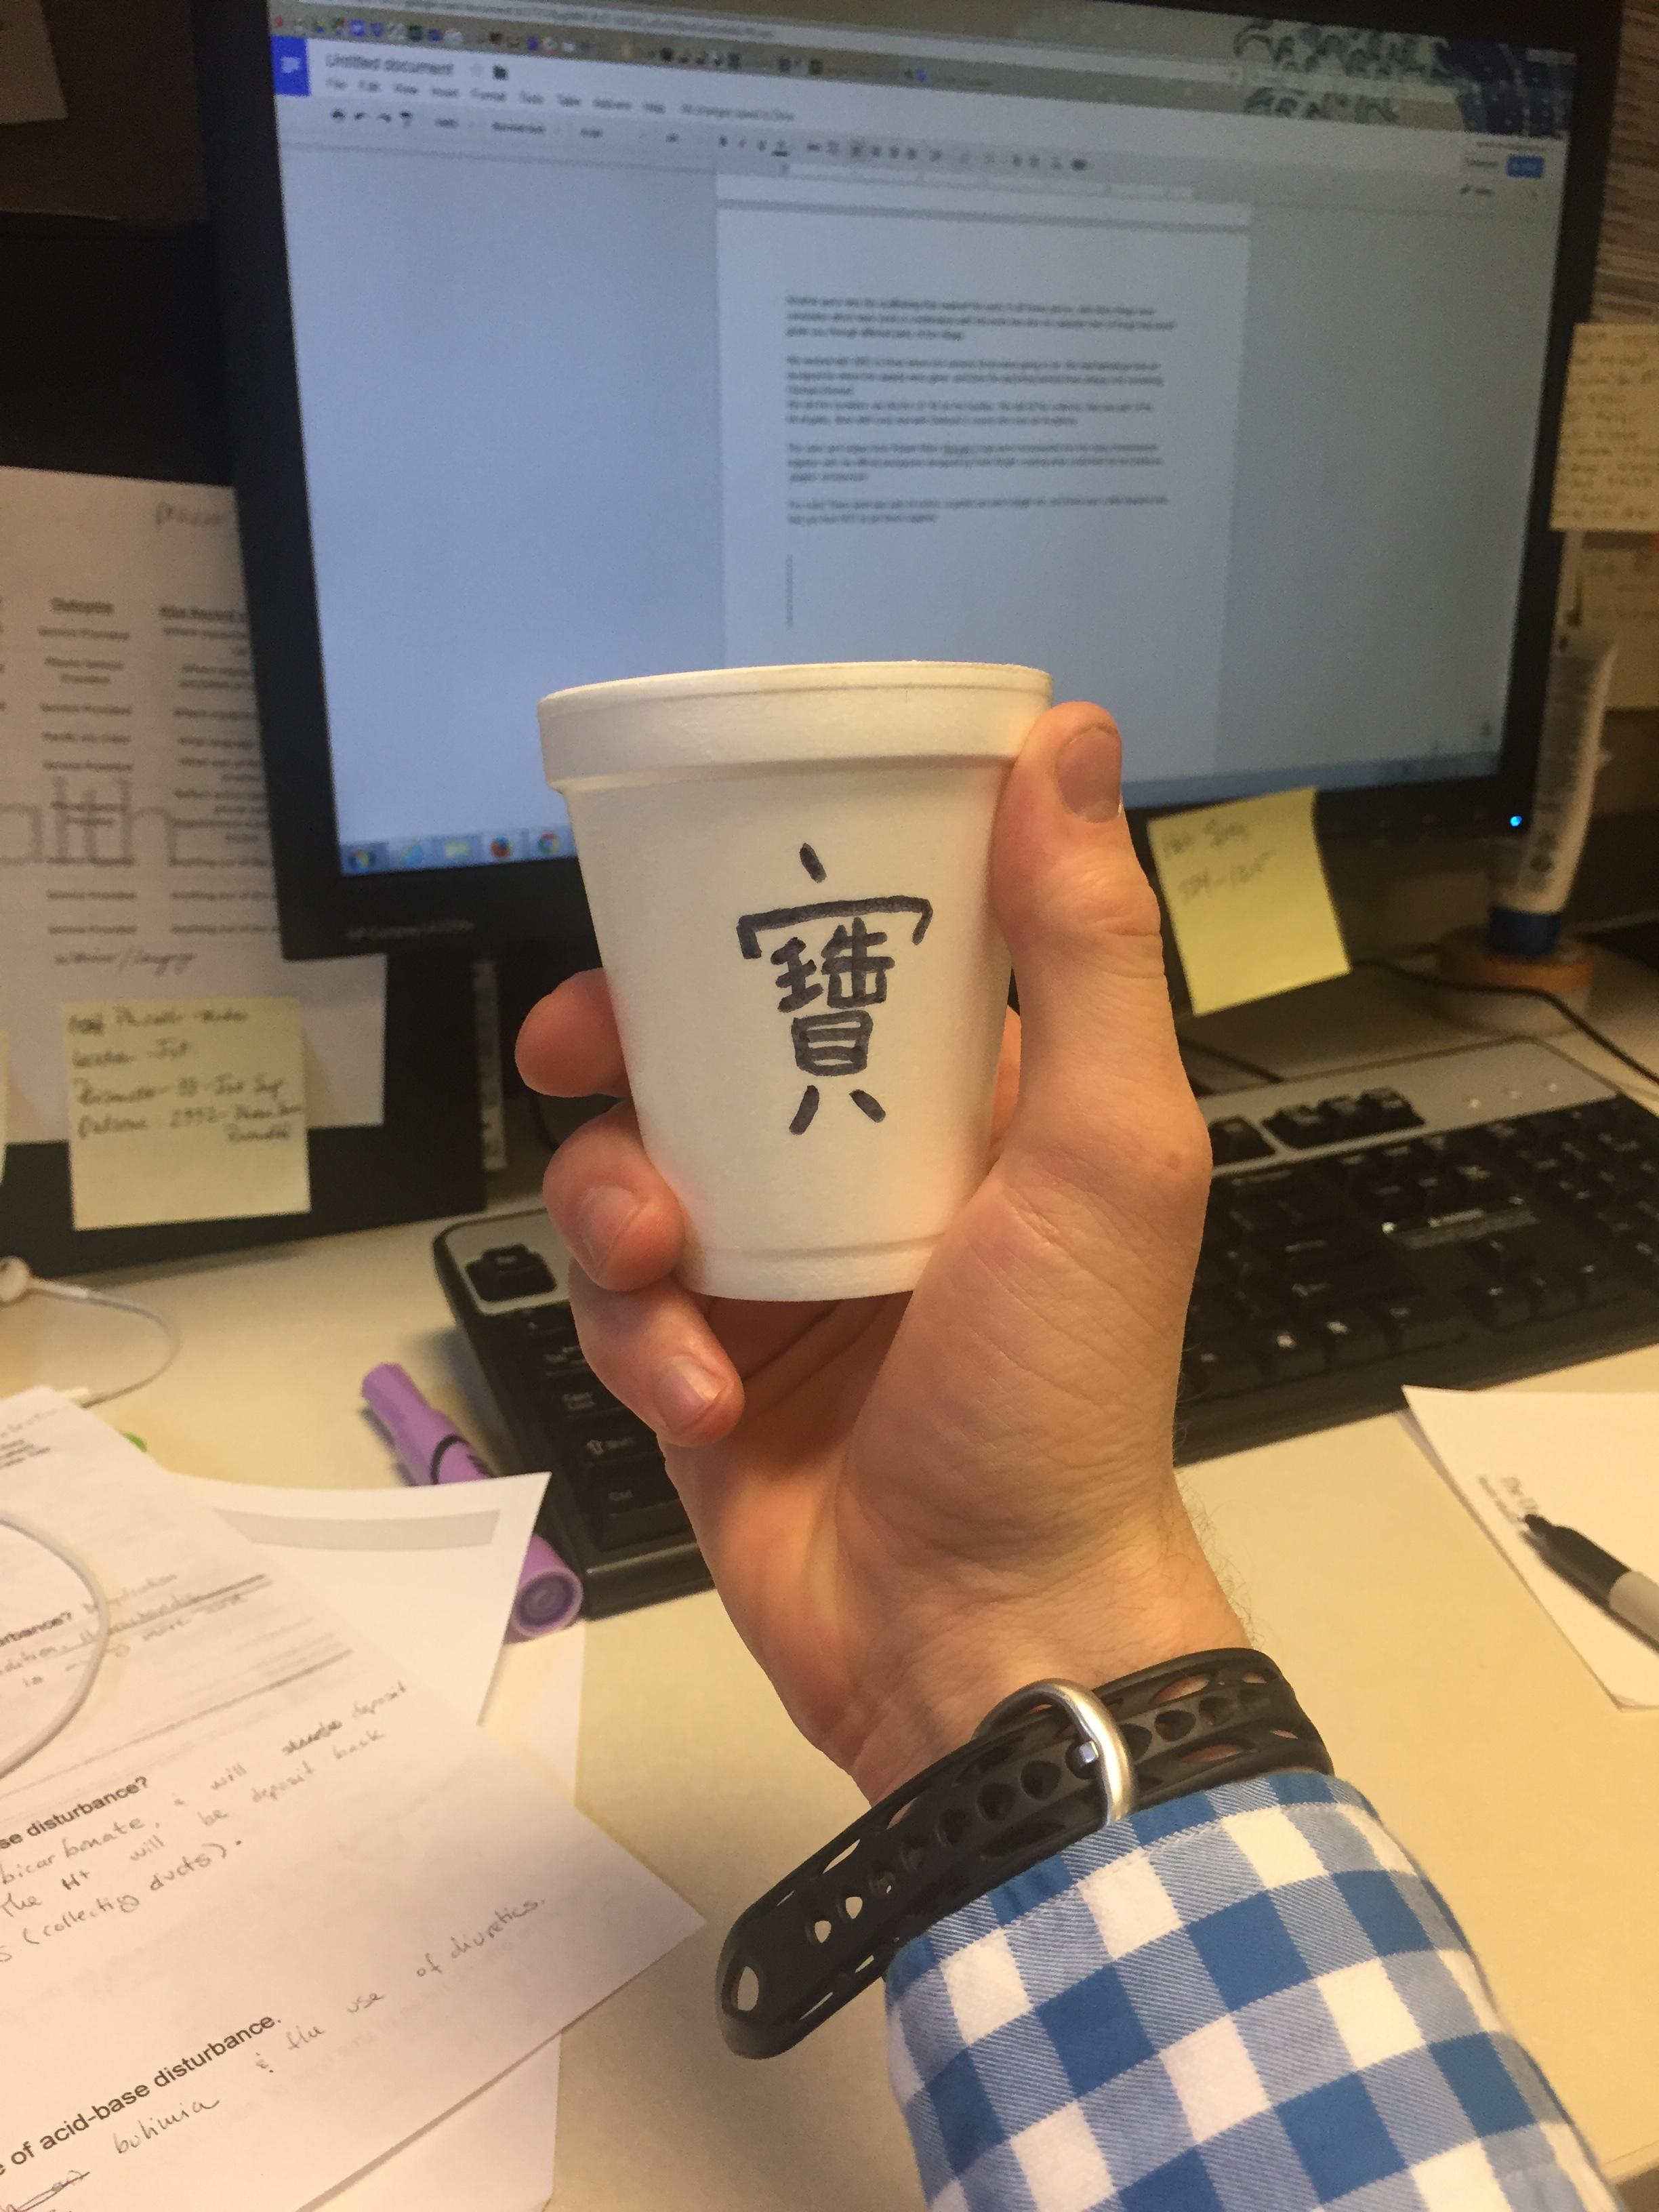 寶杯—my new cafe business